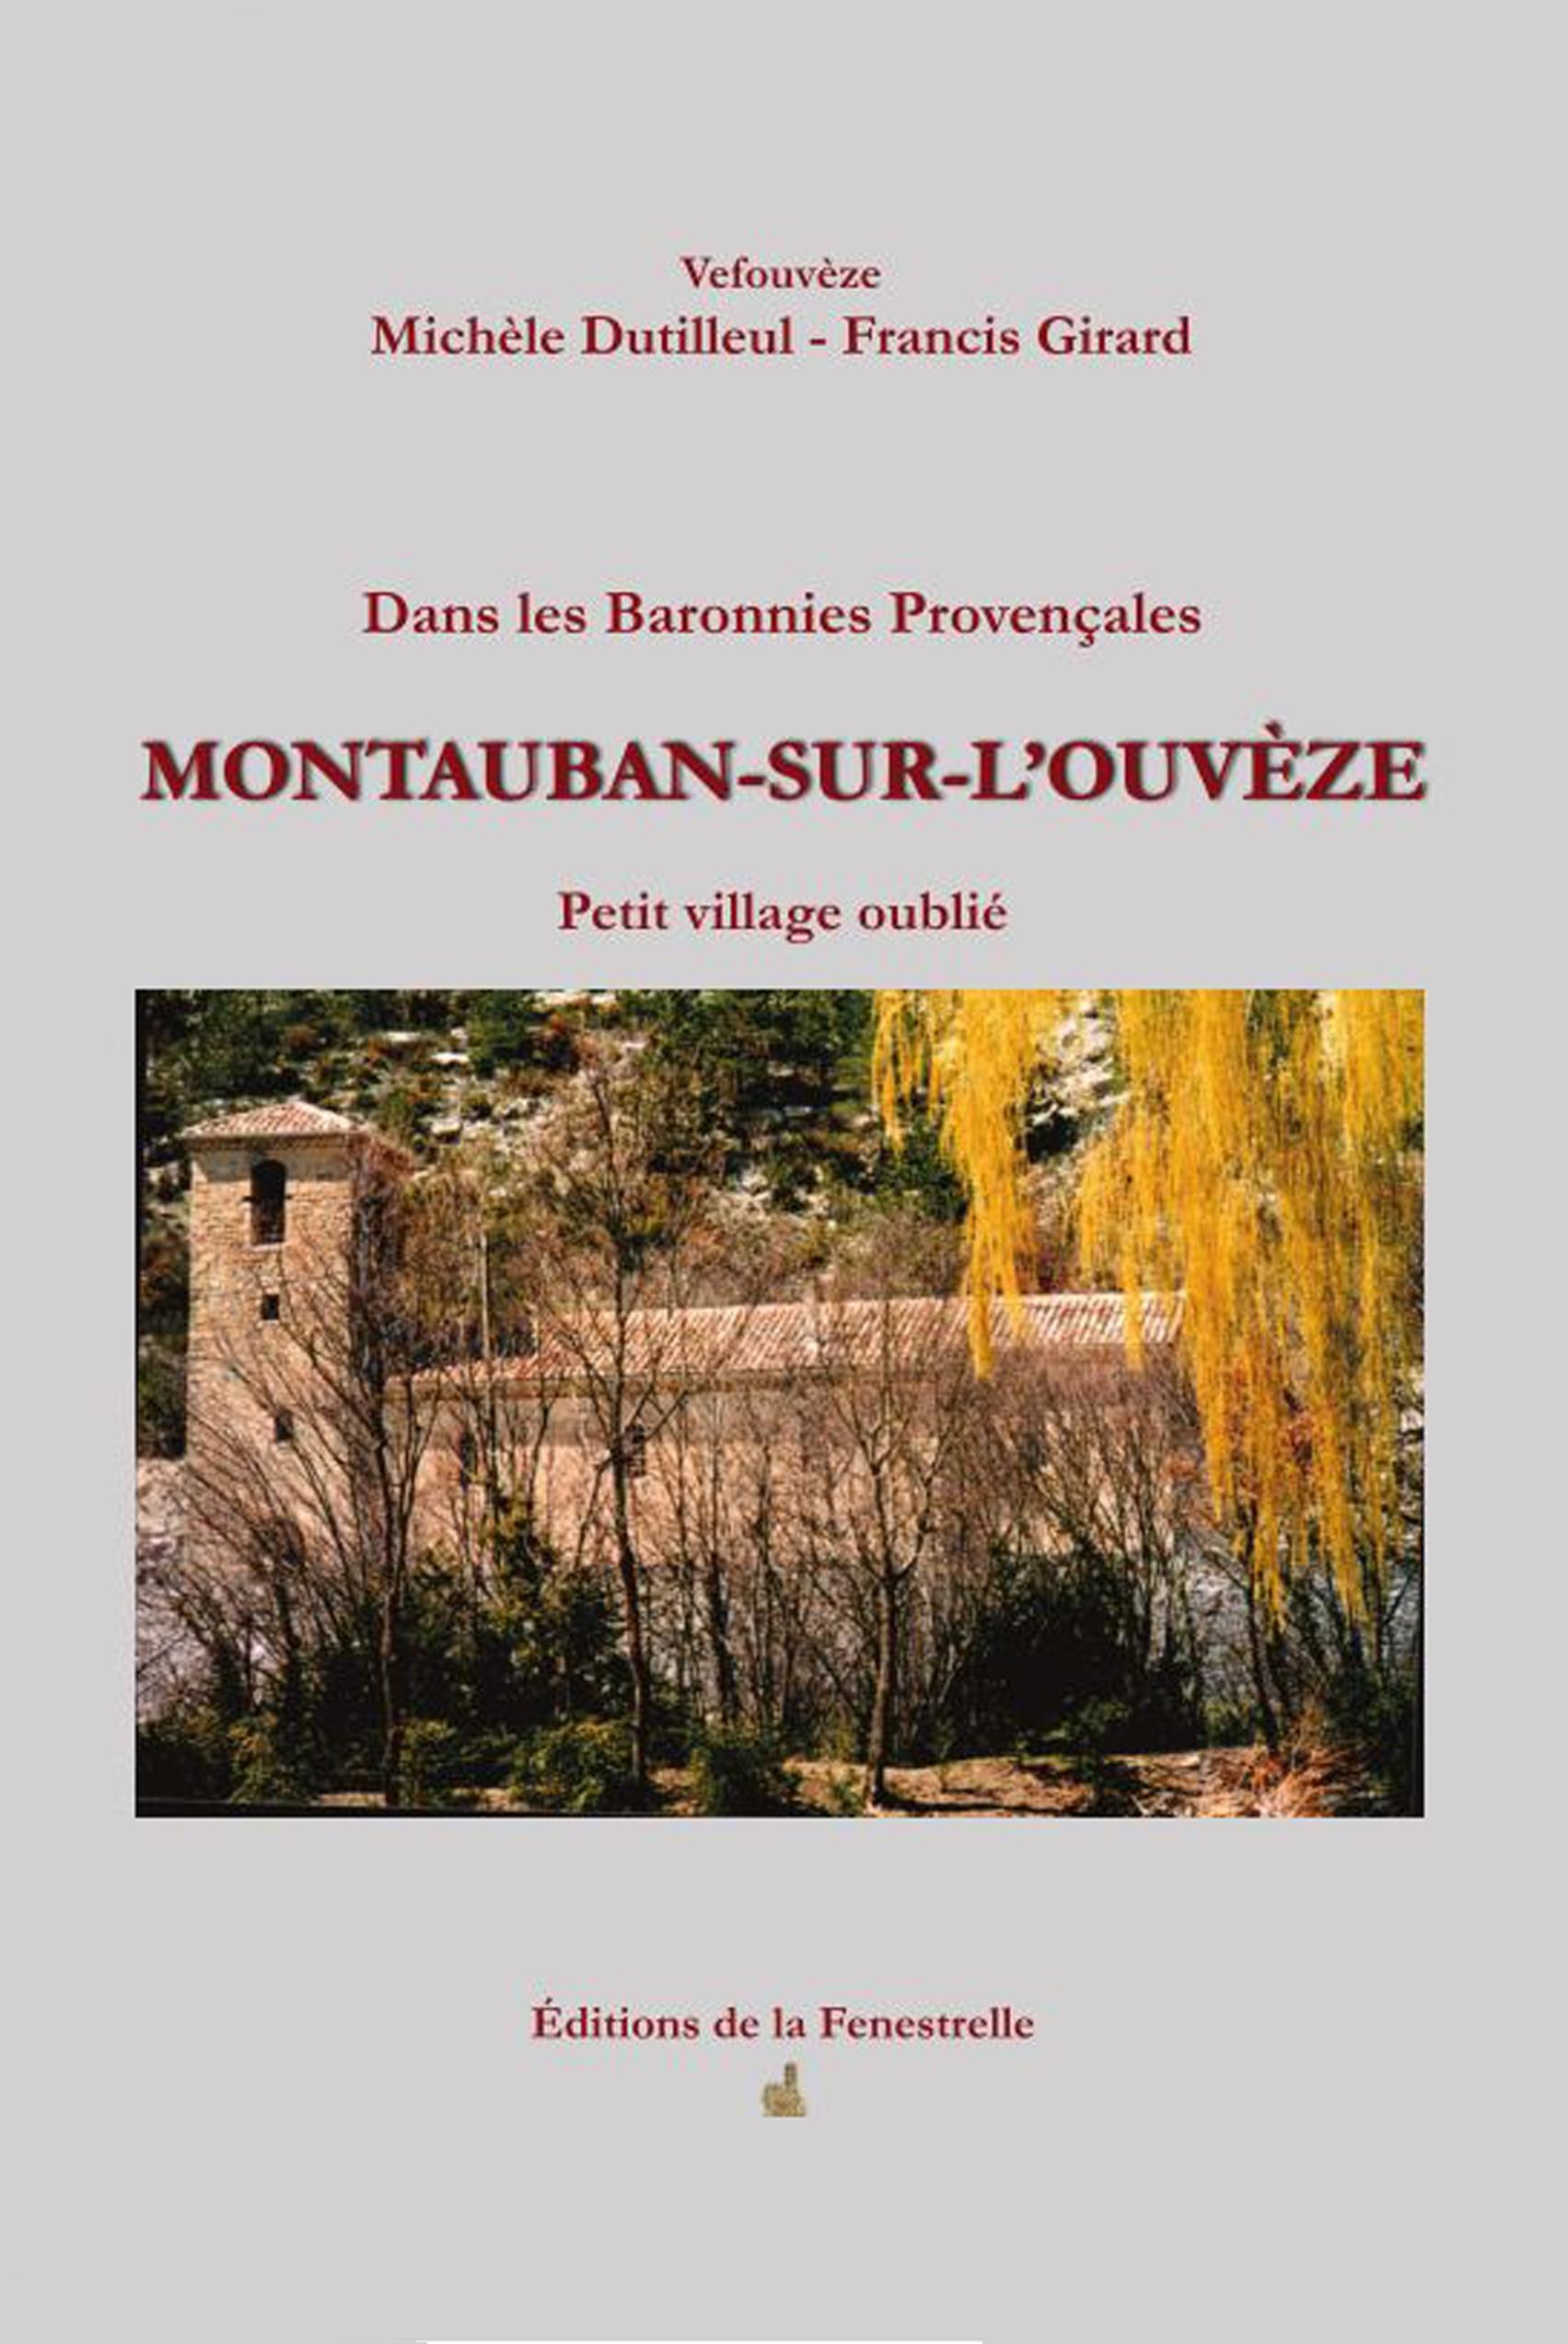 Dans les Baronnies Provençales, Montauban sur l'Ouvèze, petit village oublié